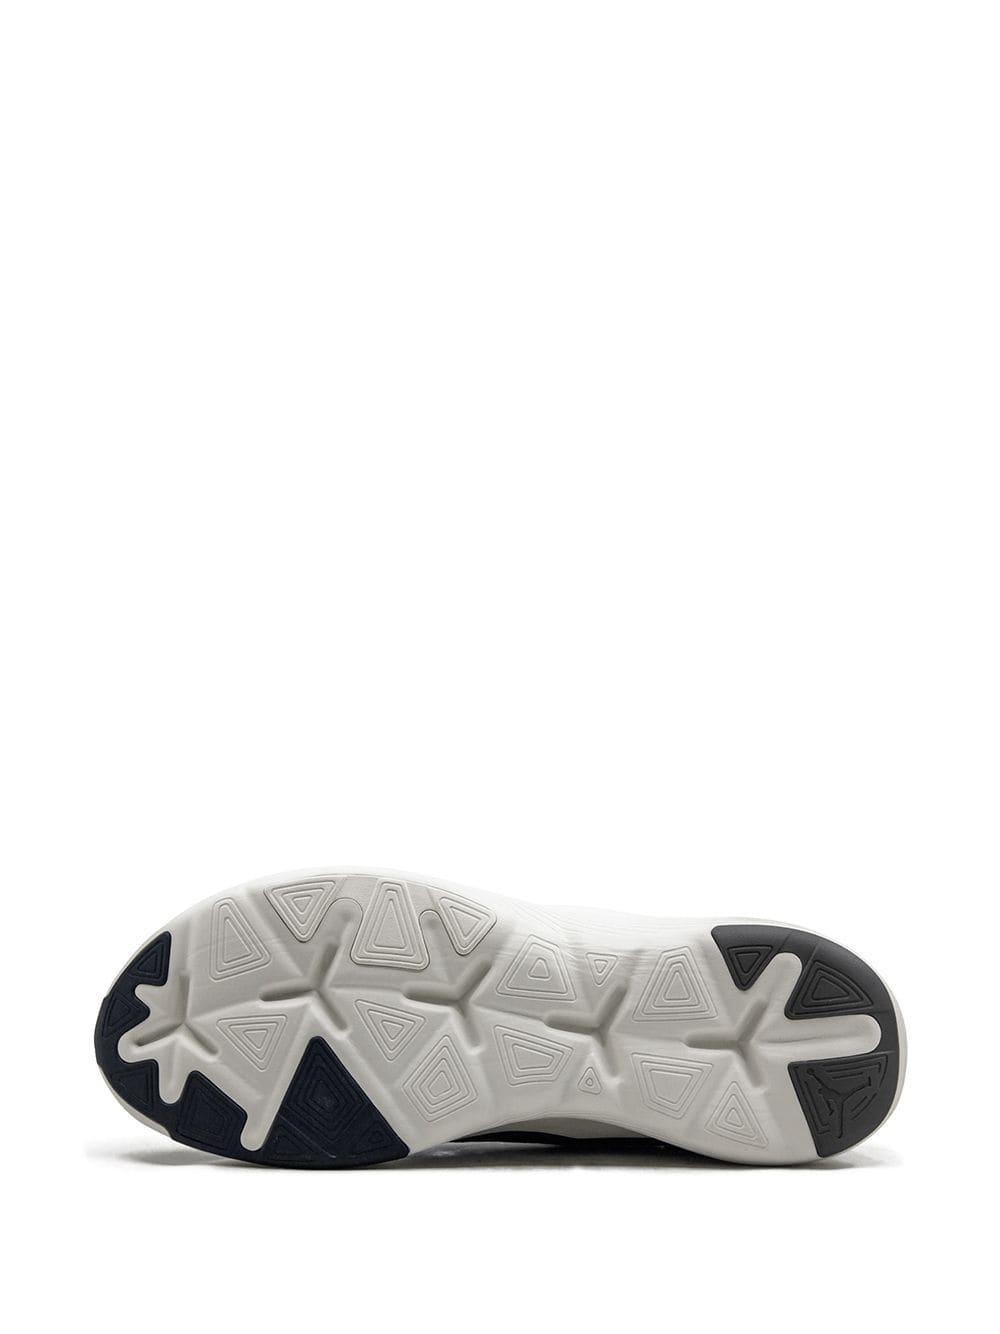 Zapatillas Relentless Re2pect Nike de Caucho de color Azul para hombre